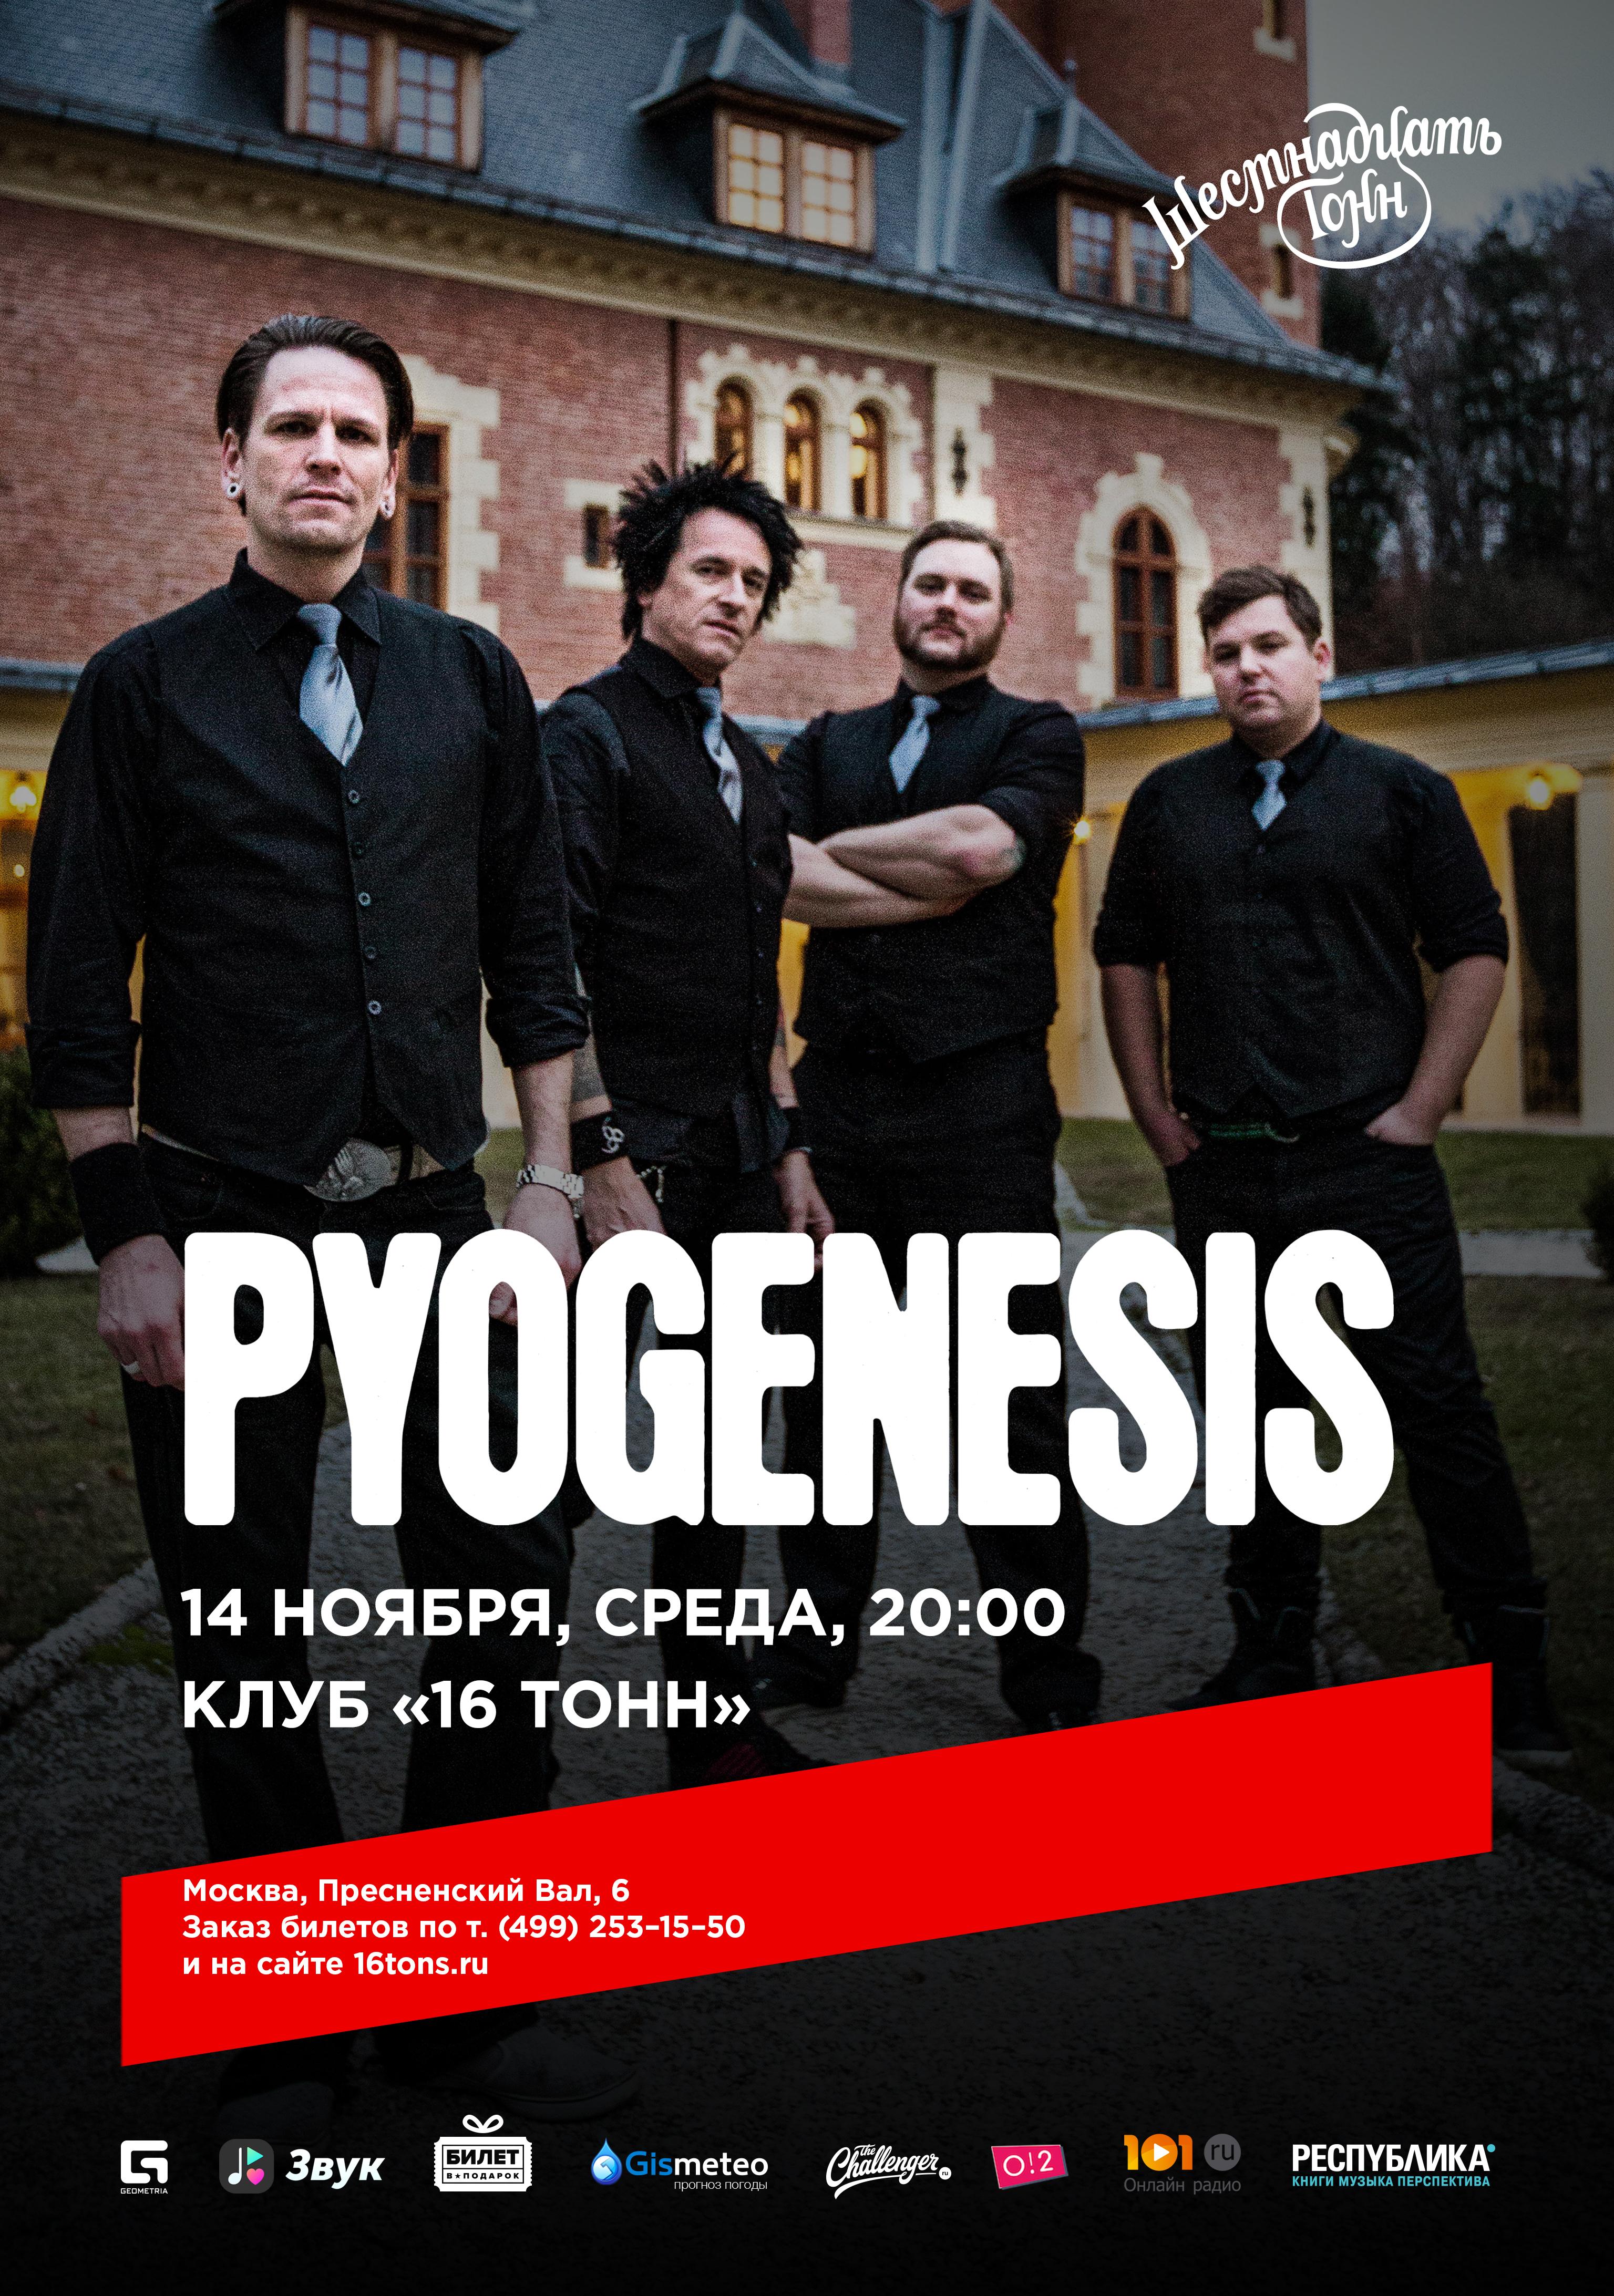 Афиша Pyogenesis